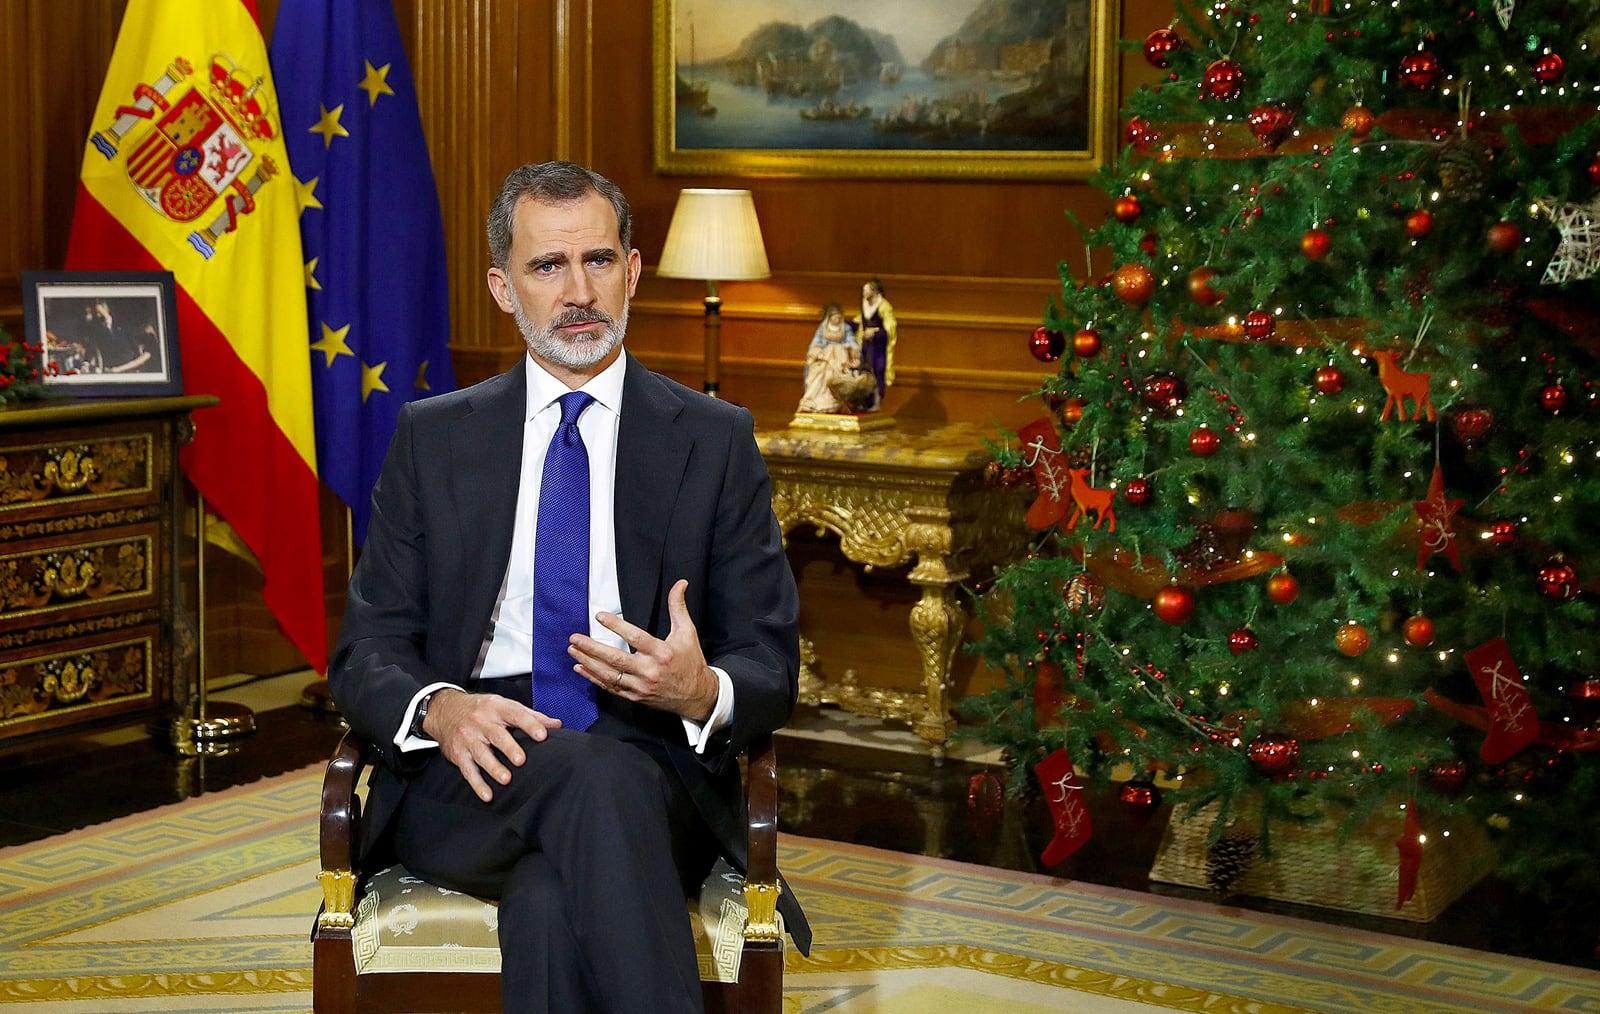 El Rei Felip VI durant el discurs de Nadal, el 24 de desembre. Fotografia de Ballesteros. Efe.